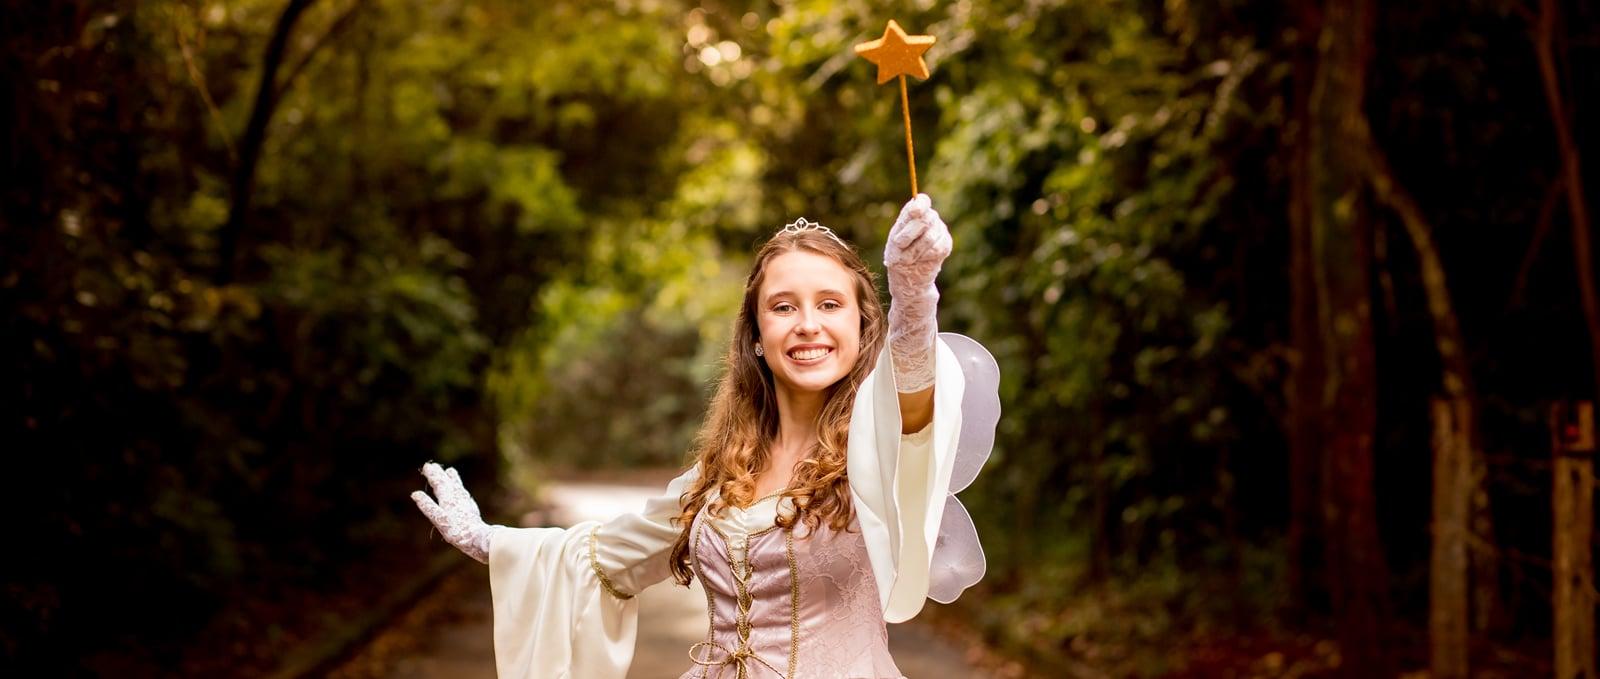 Para isso a fada madrinha usa a magia do amor!